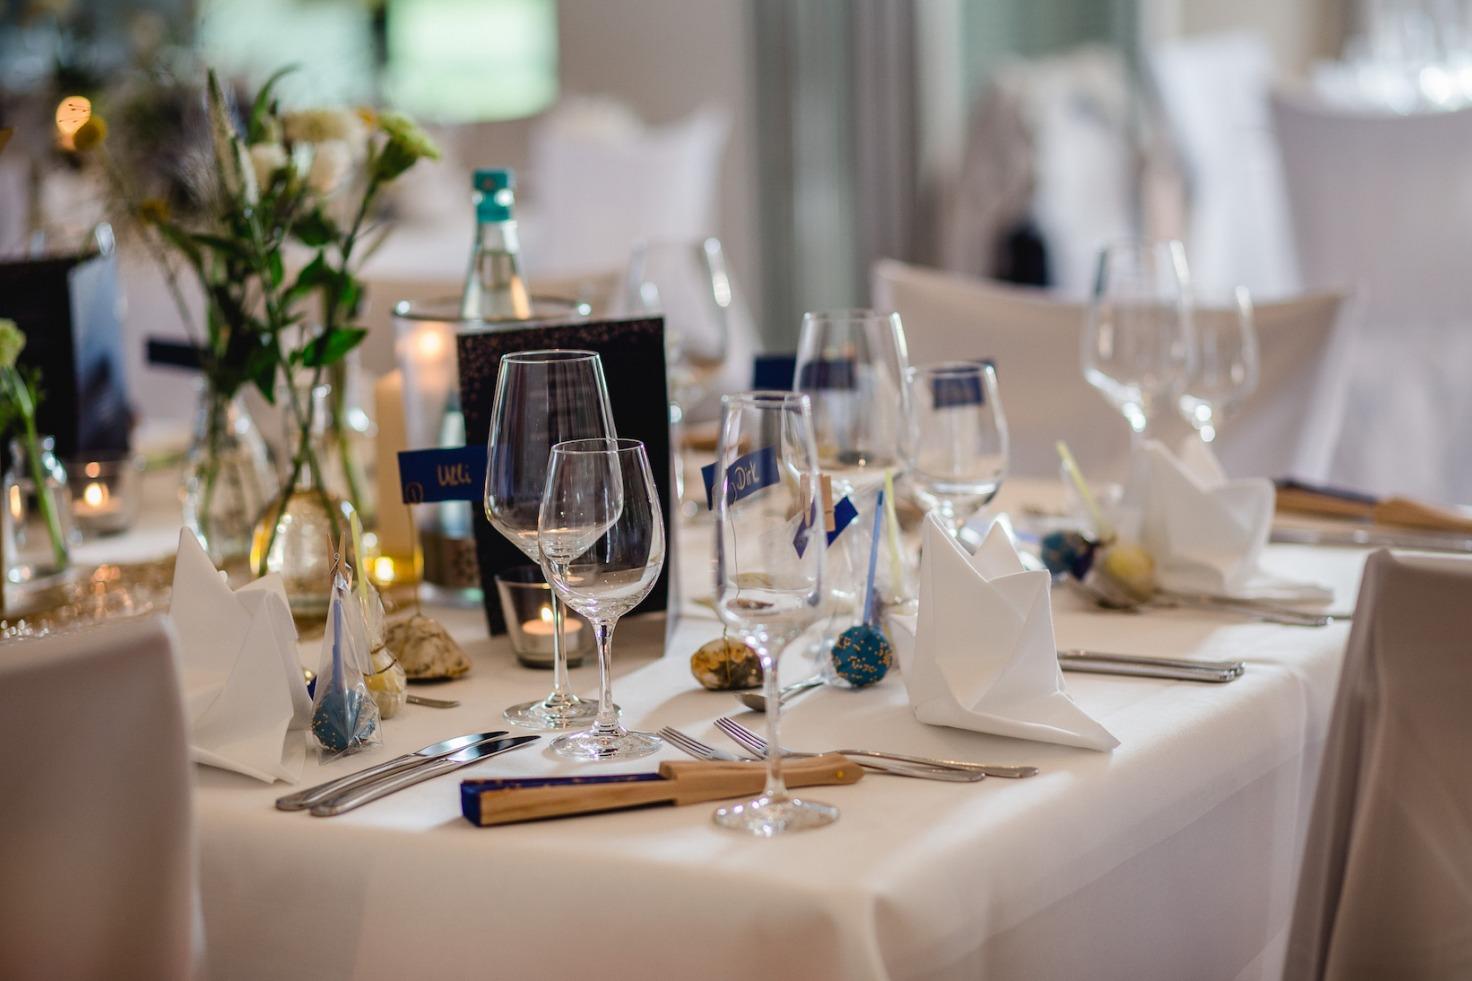 Hochzeit von Laura und Marco in Münster: Eingedeckter Hochzeitstisch